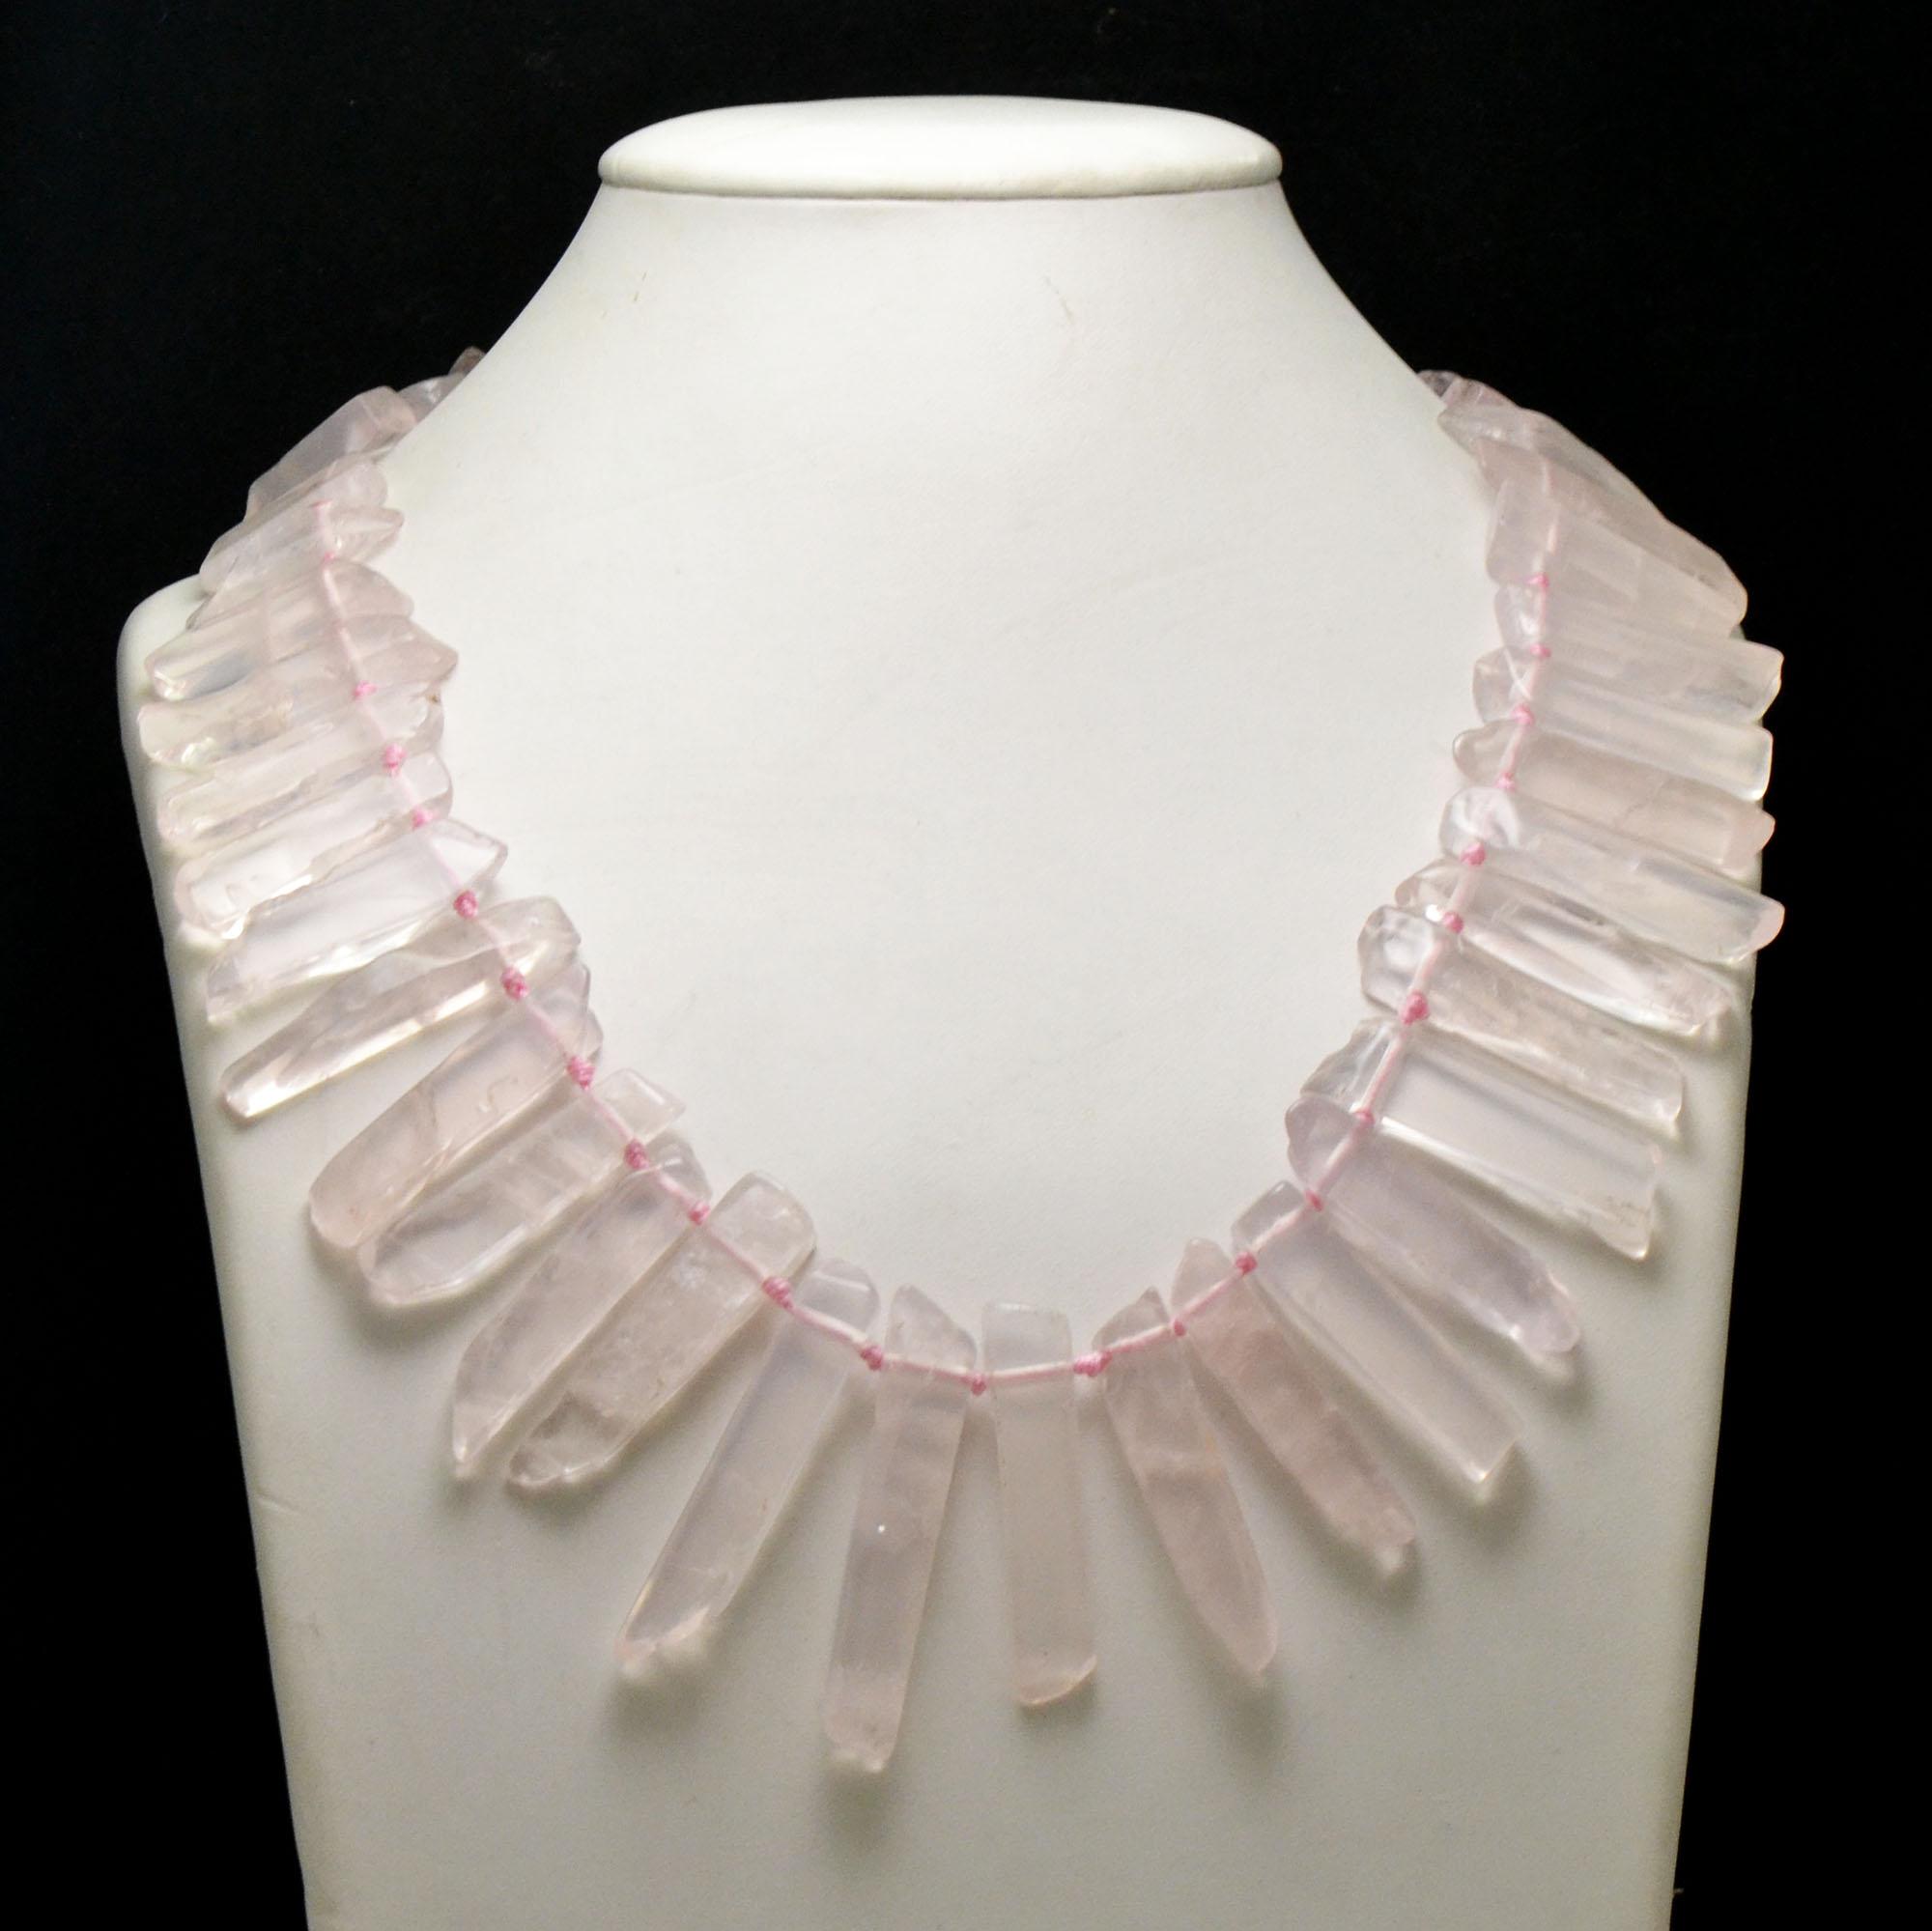 Collier quartz rose pointe baroque